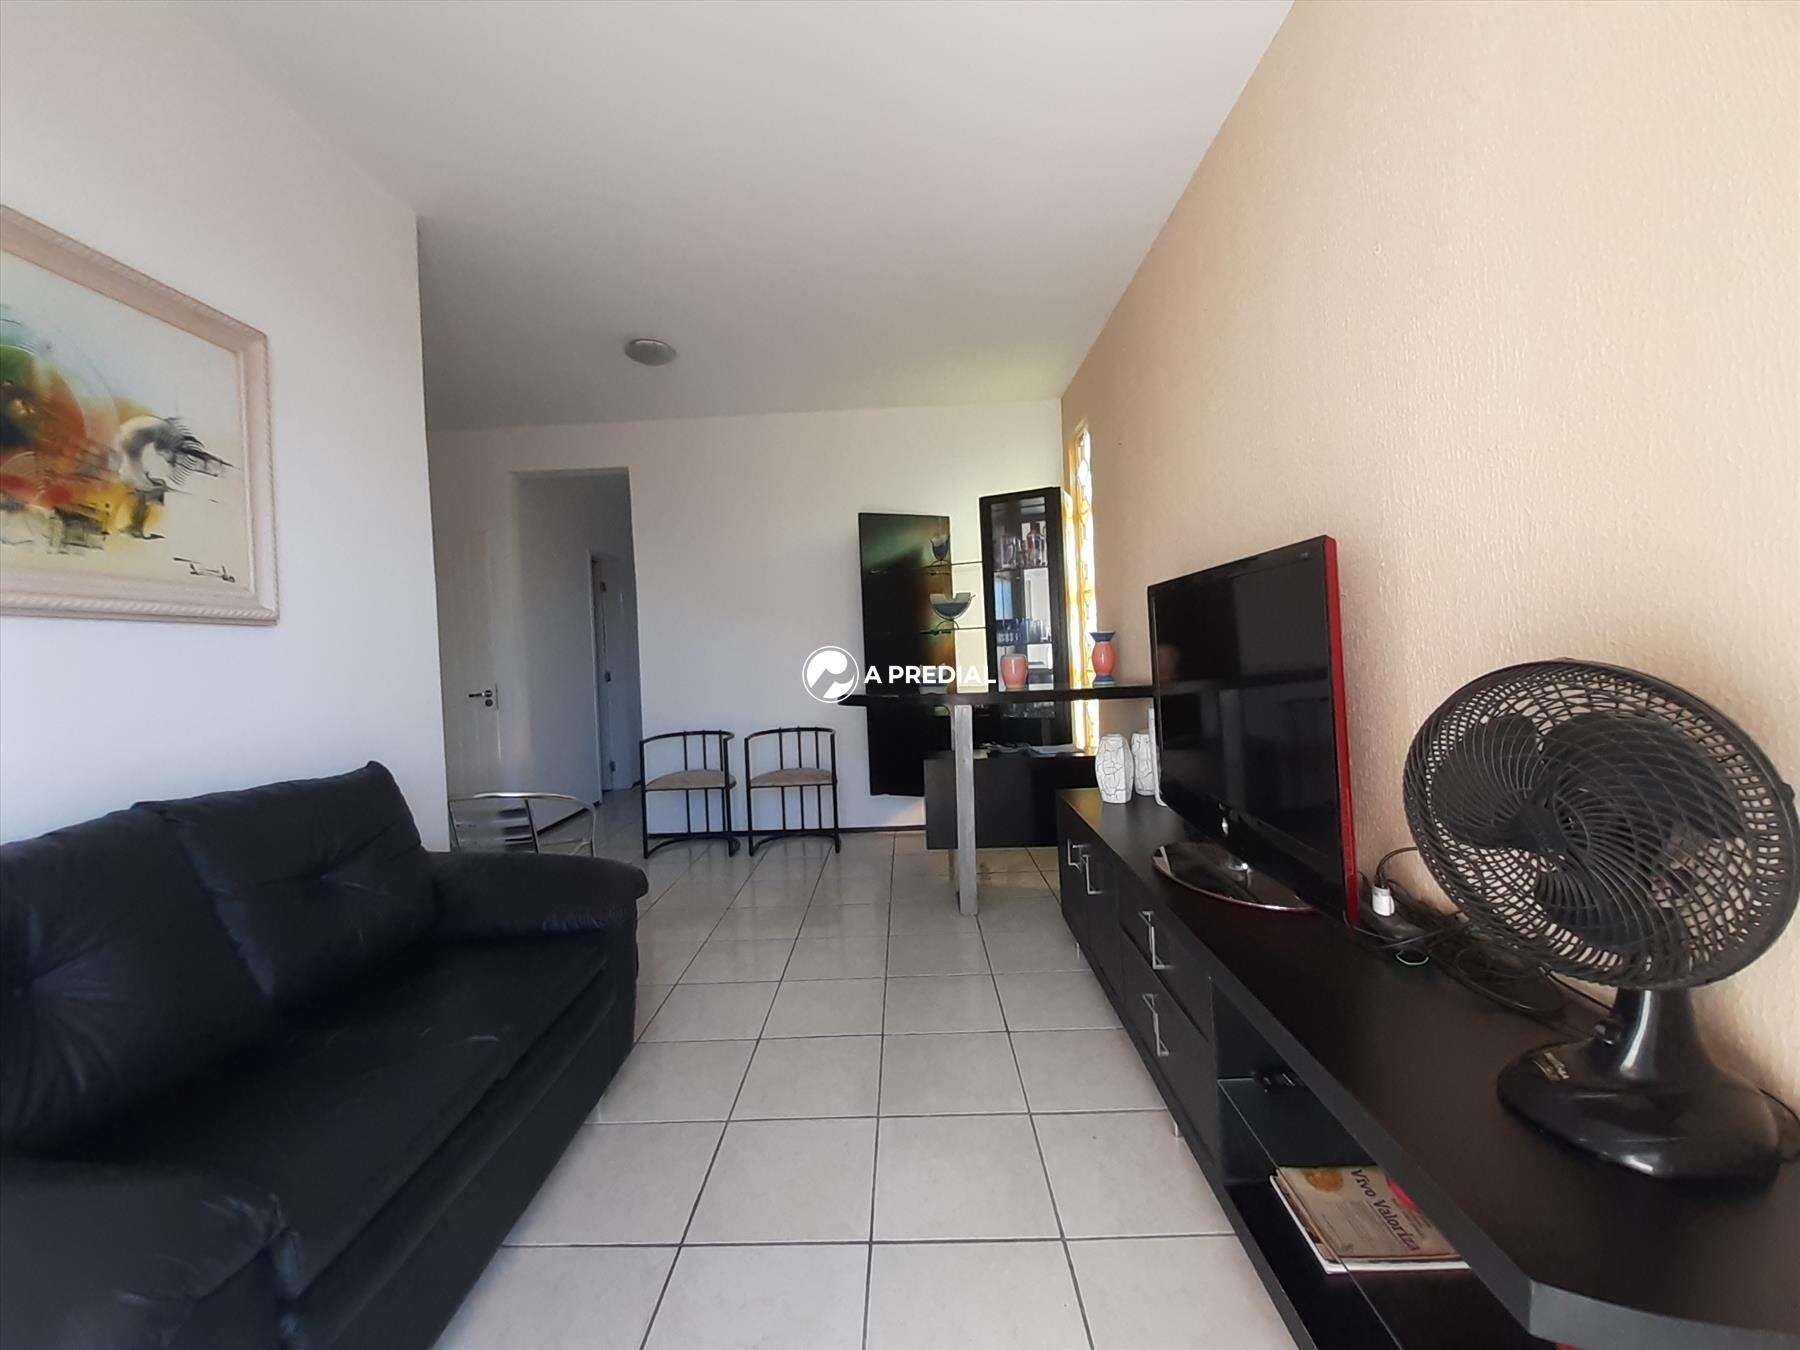 Apartamento à venda no Joaquim Távora: f98bdcfb-8-20200804_155440.jpg